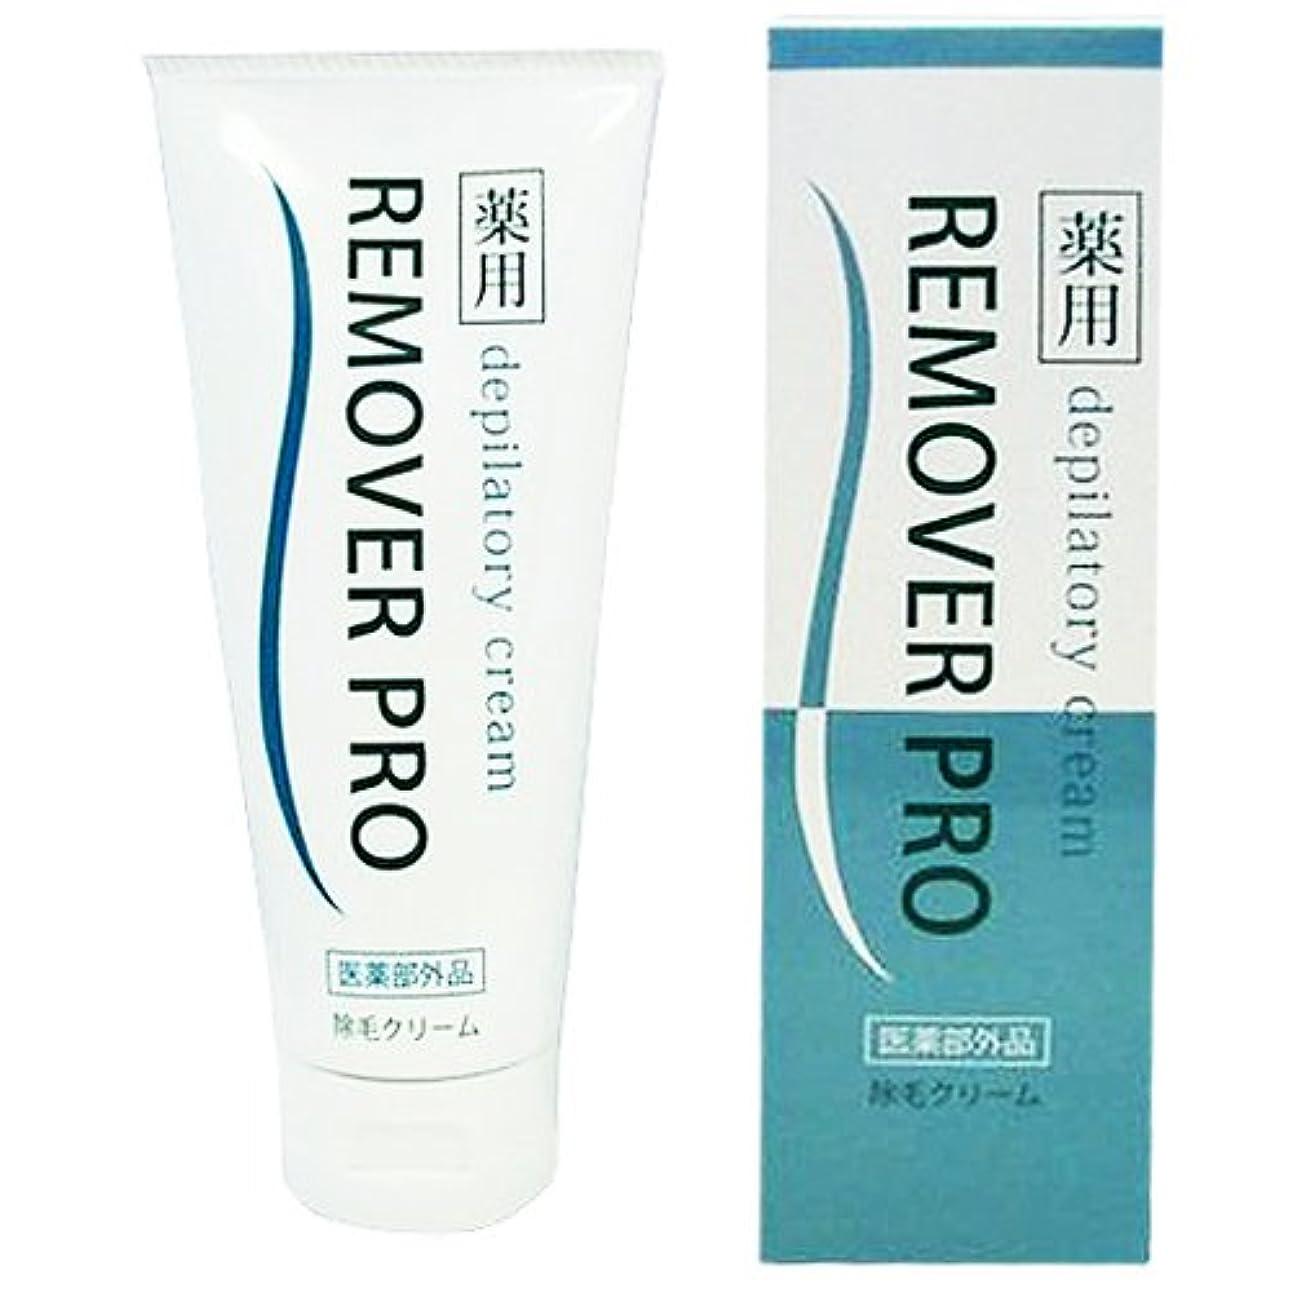 予測色合い有能な薬用除毛クリーム REMOVER PRO (医薬部外品)